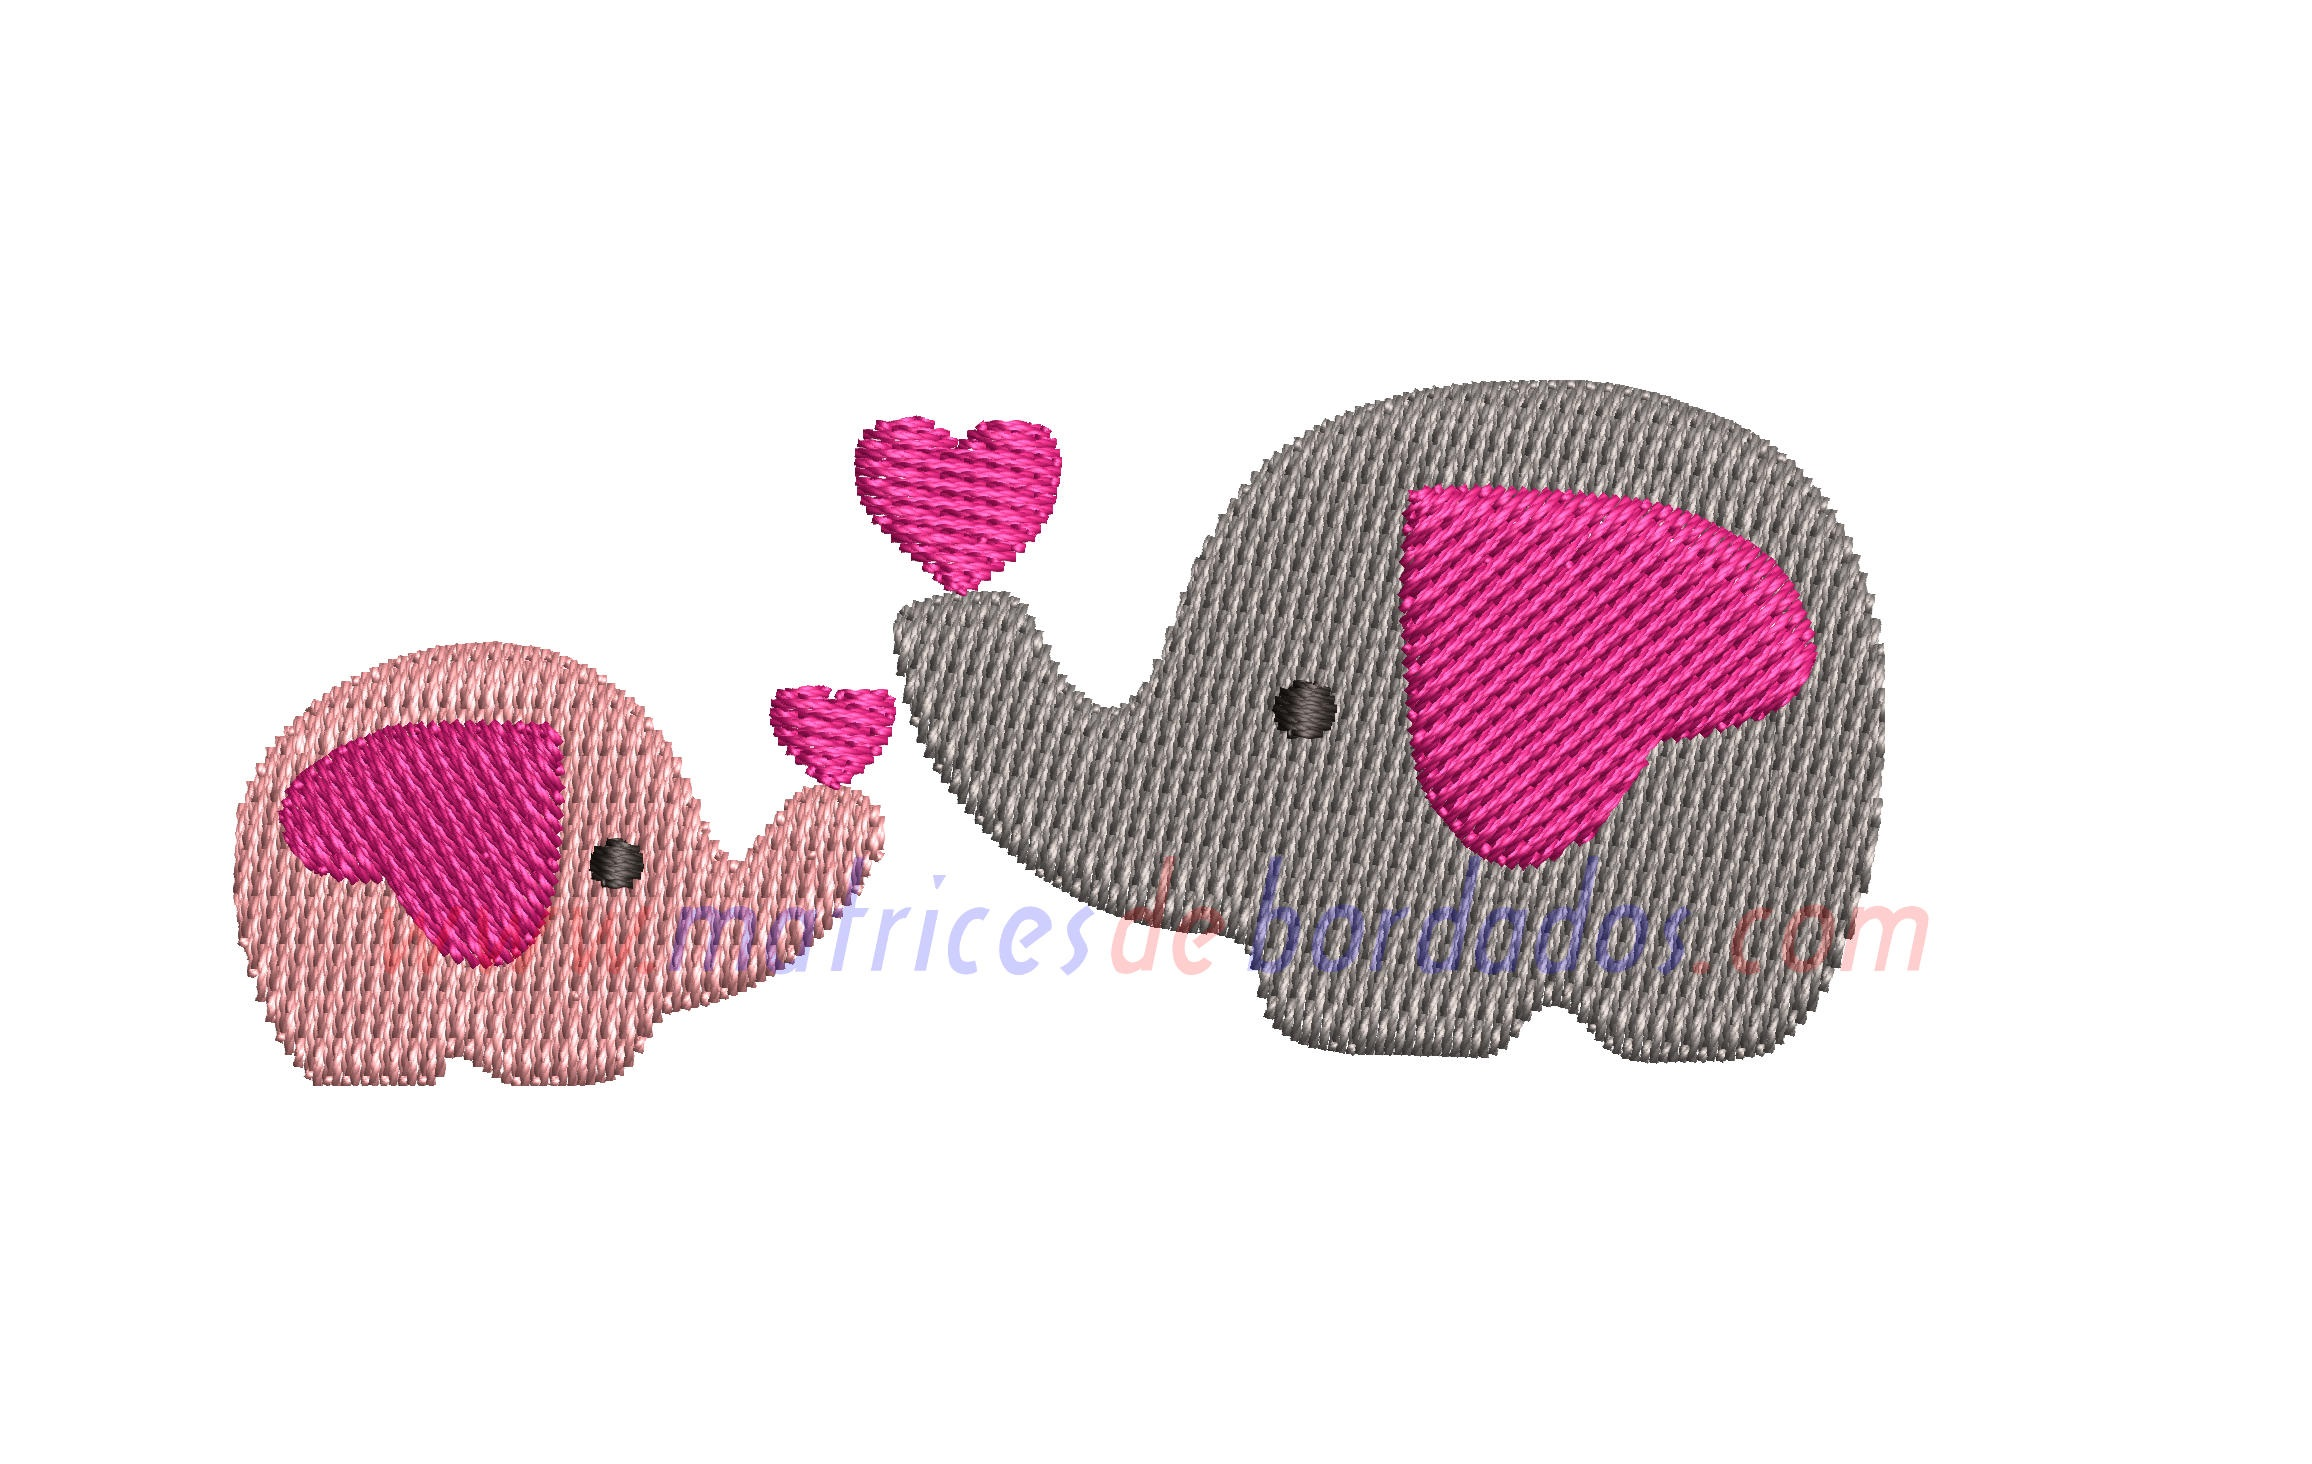 YR79UC - Elefantes